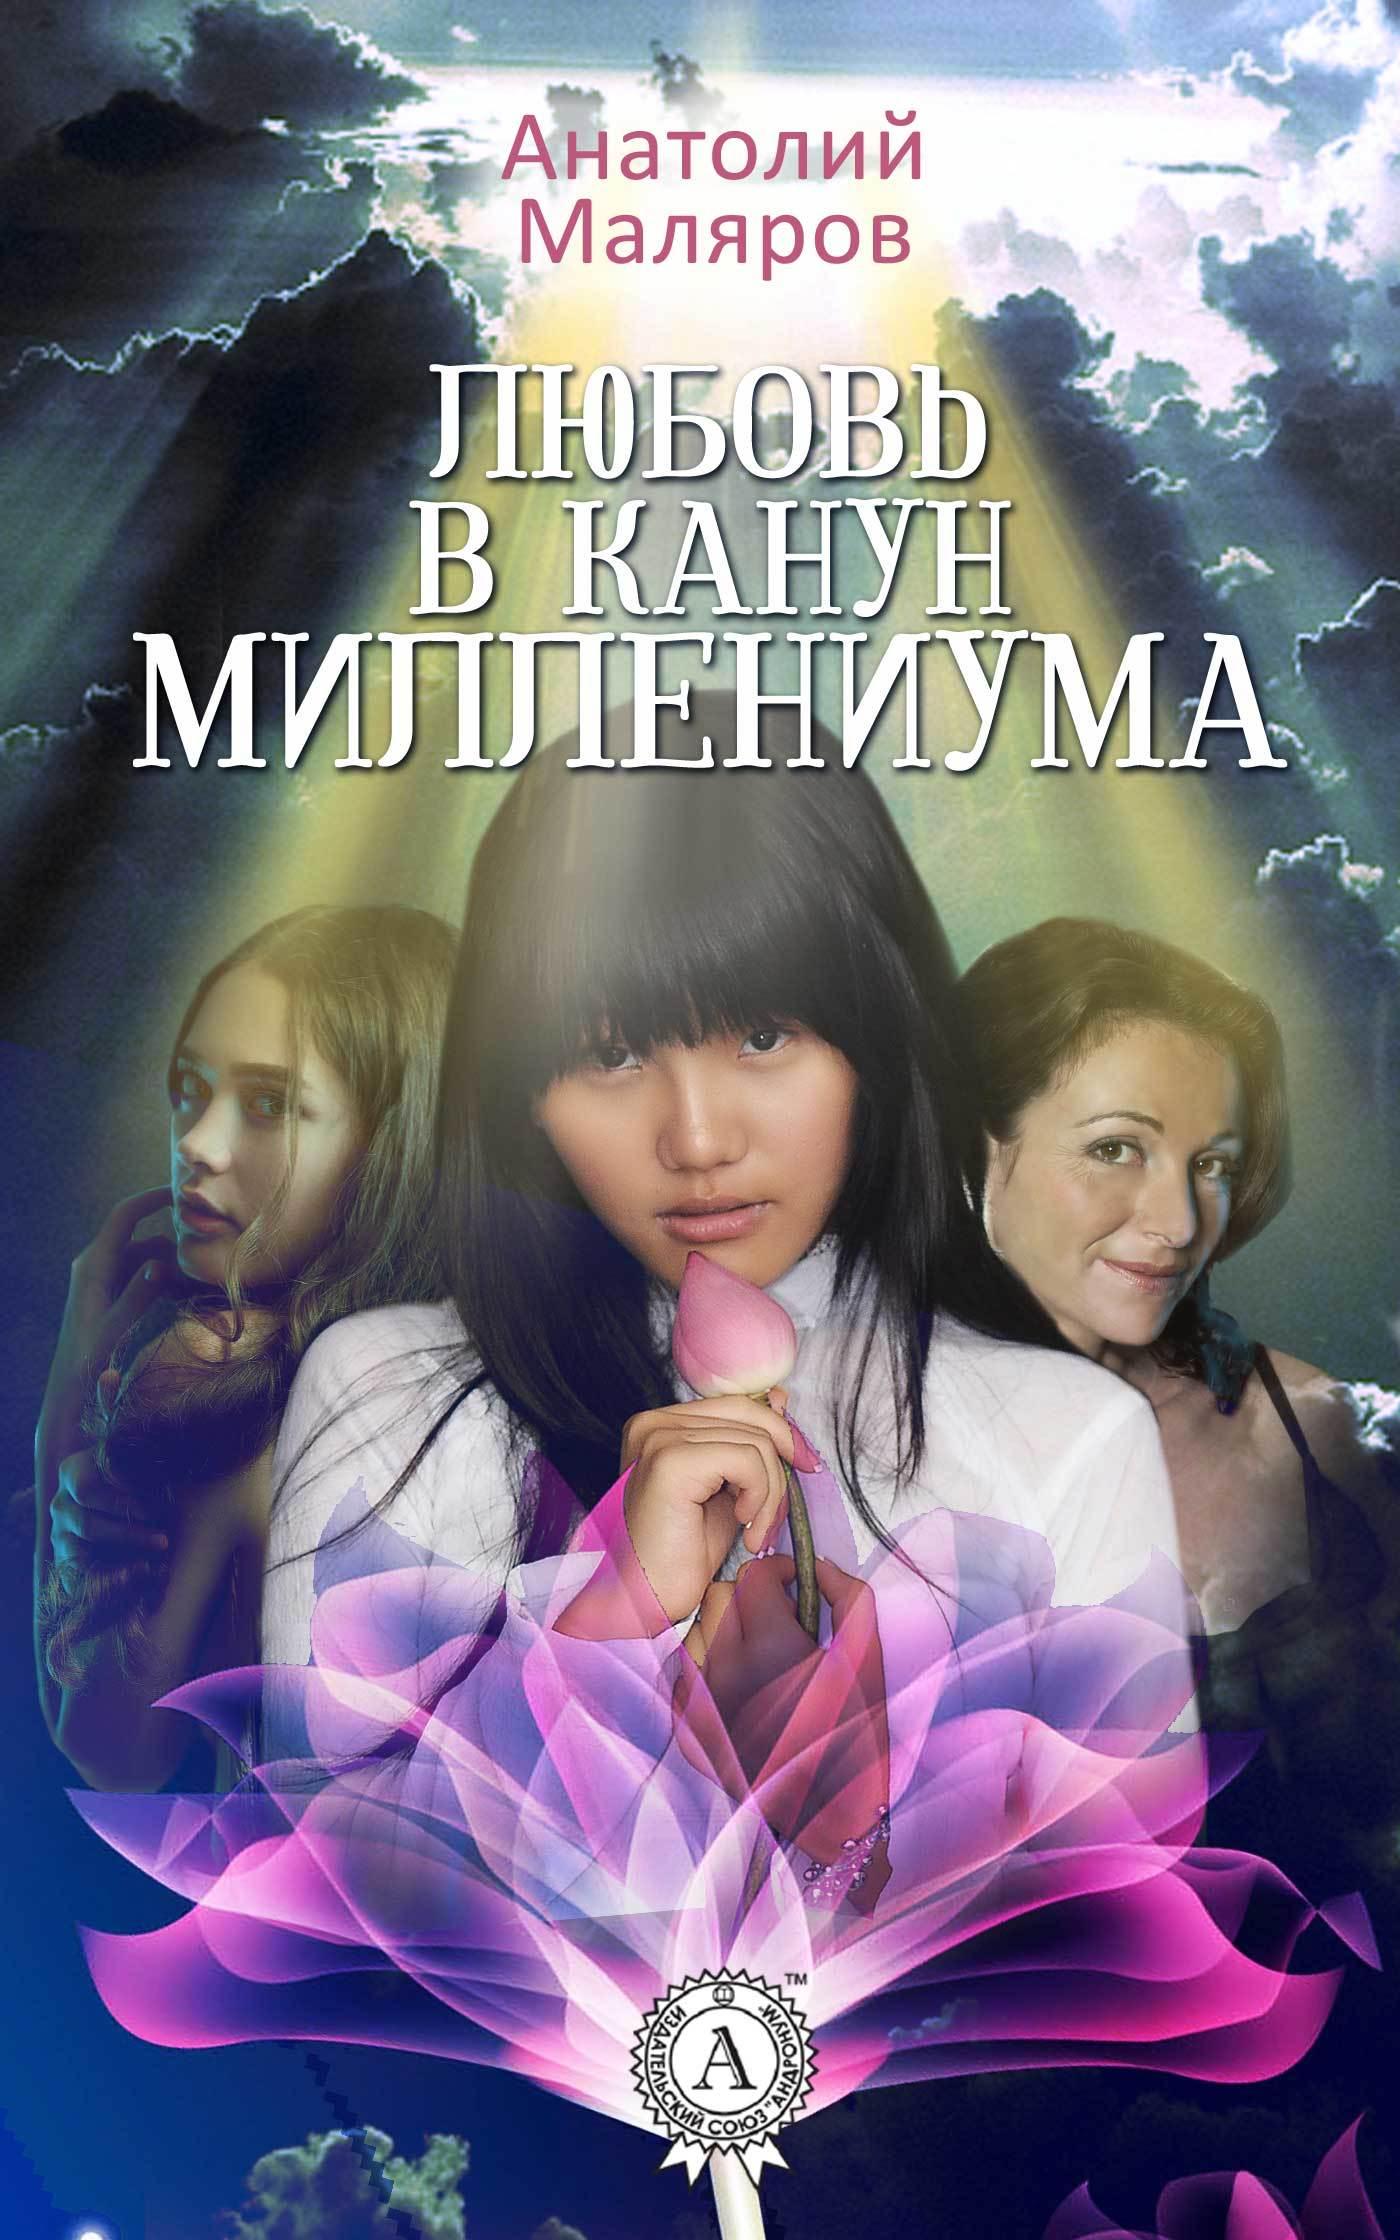 Анатолий Маляров Любовь в канун Миллениума sugarbowl seoul